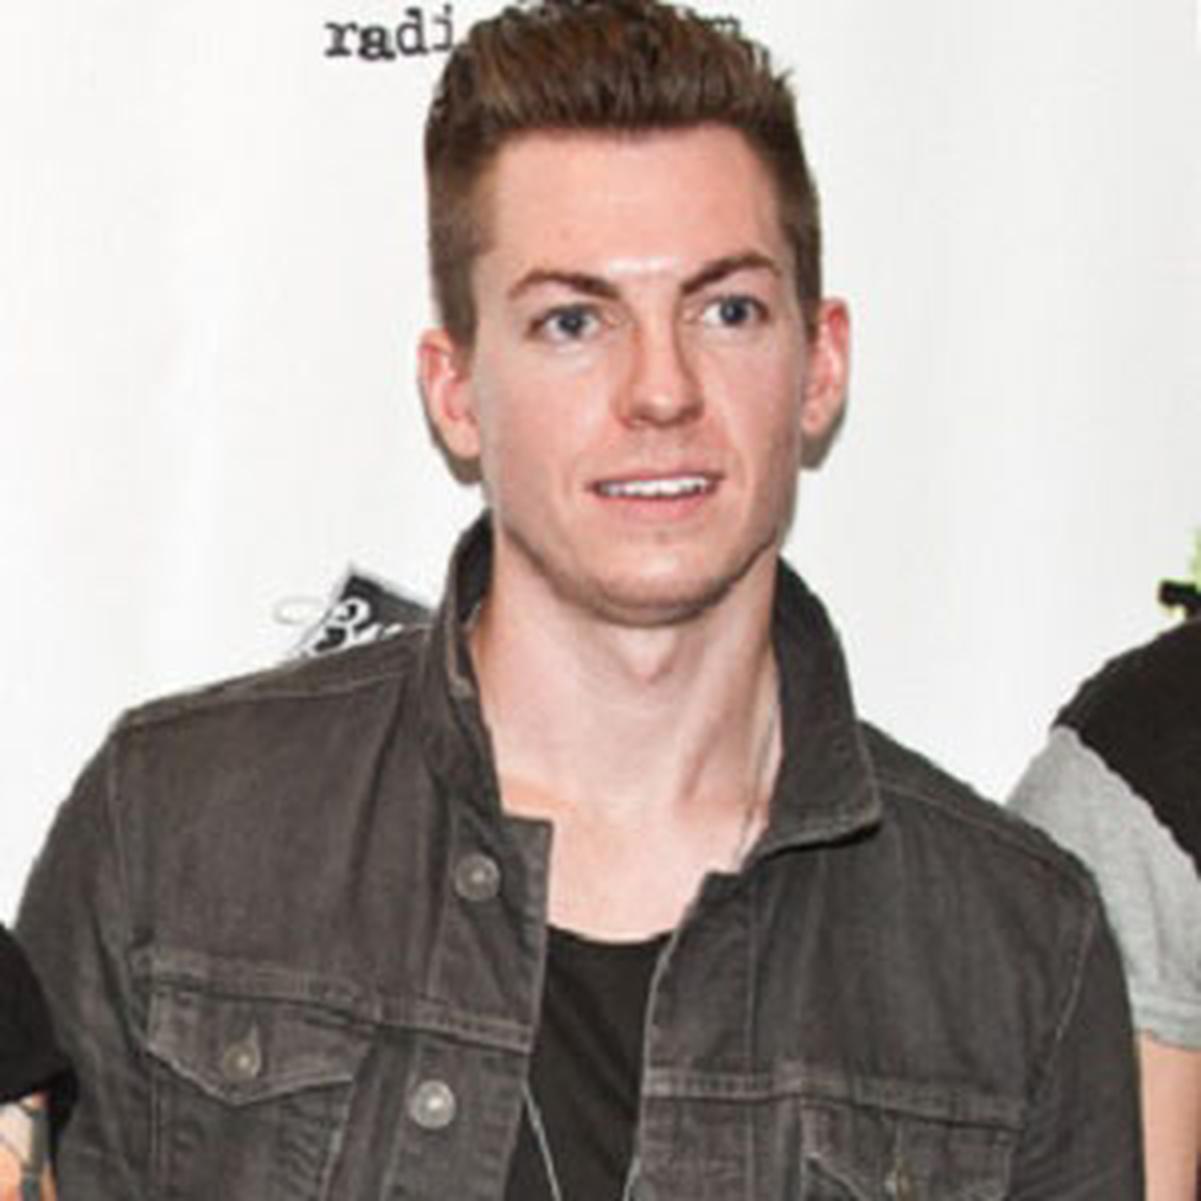 Andy Tongren